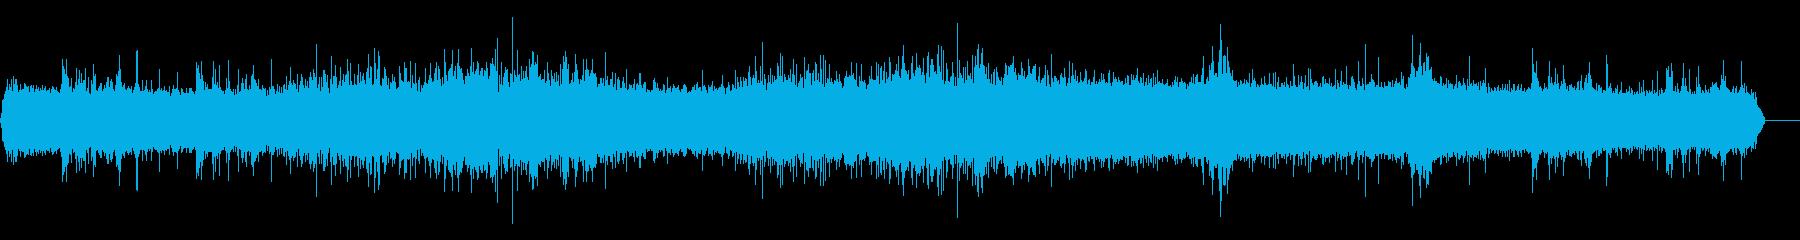 雨2の再生済みの波形